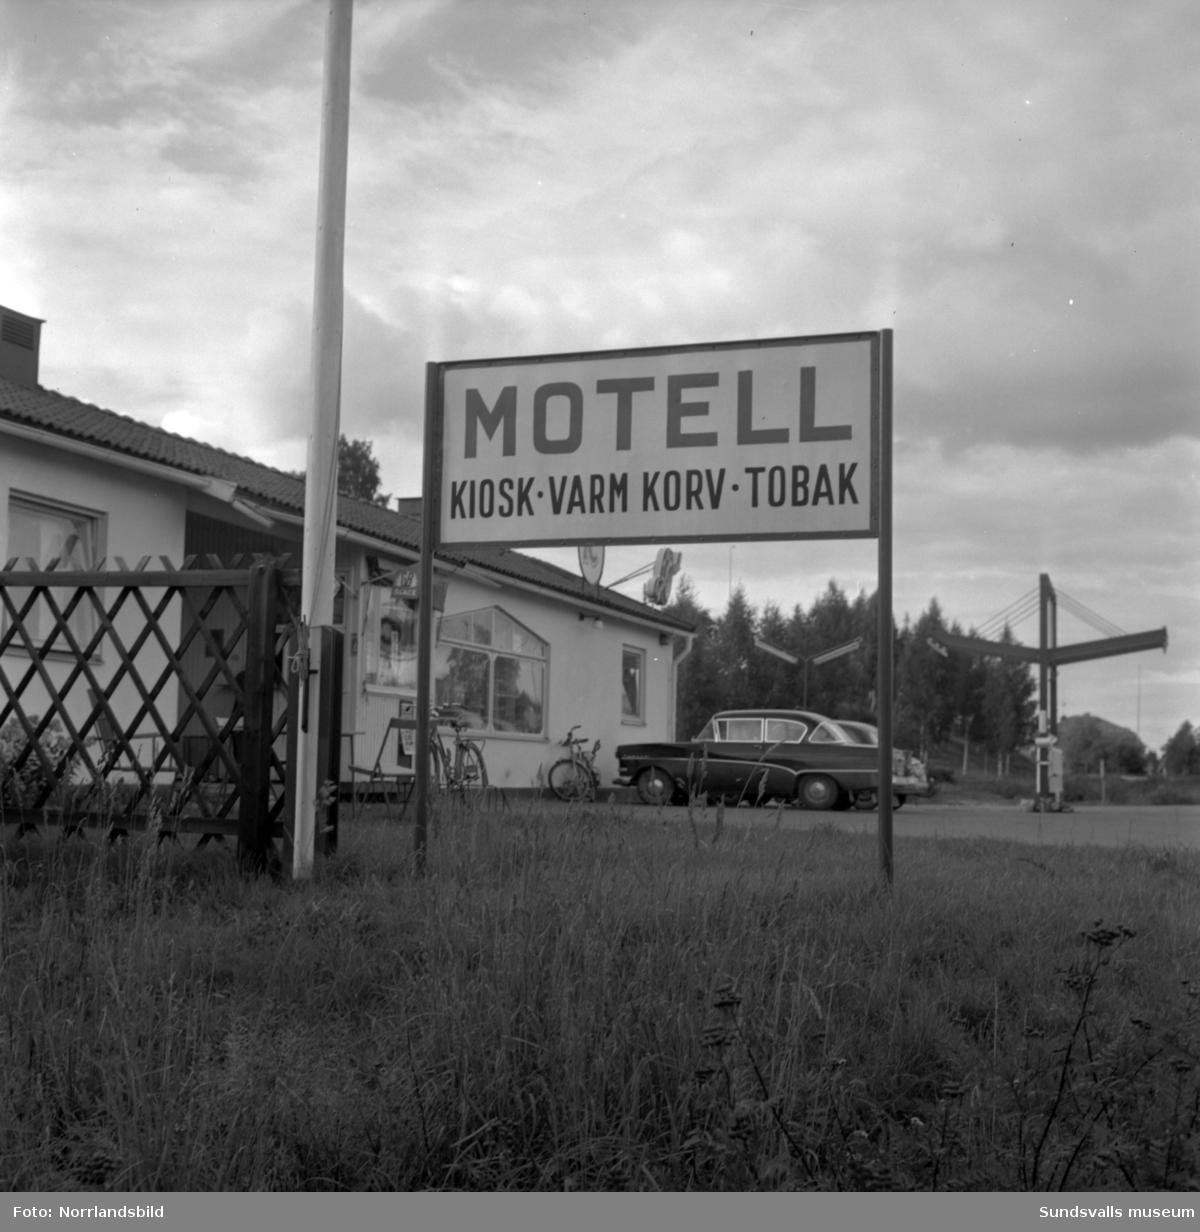 """Skyltning utefter vägen mellan Sundsvall och hälsingegränsen 1961. Bland annat Bergafjärden, Dingersjö, Bredsand och Kusten. I Njurundabommen fick länge trafikanterna söderifrån lätta på gasen och anamma ett makligare tempo. Men innan vägen som nu blivit """"gamla E4:an"""" byggdes, var det så här som korsningen i Bommen såg ut. Längst till höger i bild skymtar det före detta bankhuset som fortfarande finns kvar."""